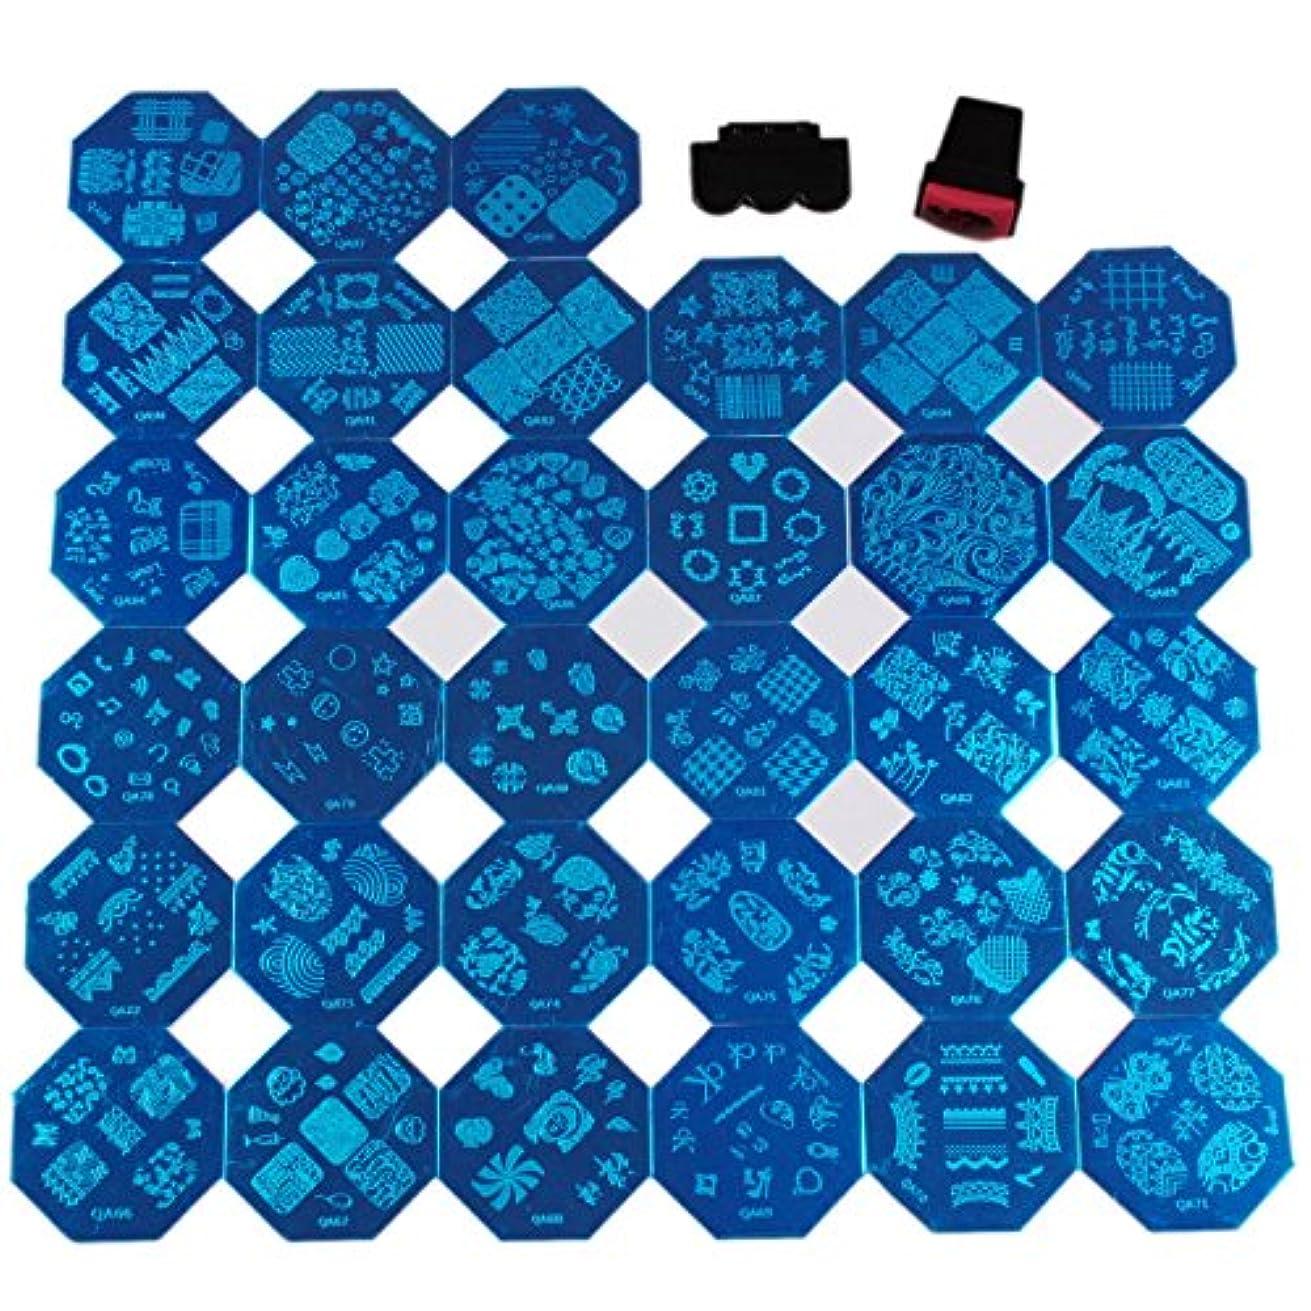 枯渇する水っぽい自慢FingerAngel ネイルイメージプレートセット 八角形ネイルプレート 33枚 スタンプ スクレーパー付き ネイルサロンも自宅も適用なネイルプレート 初心者に簡単に仕上がるネイルアート